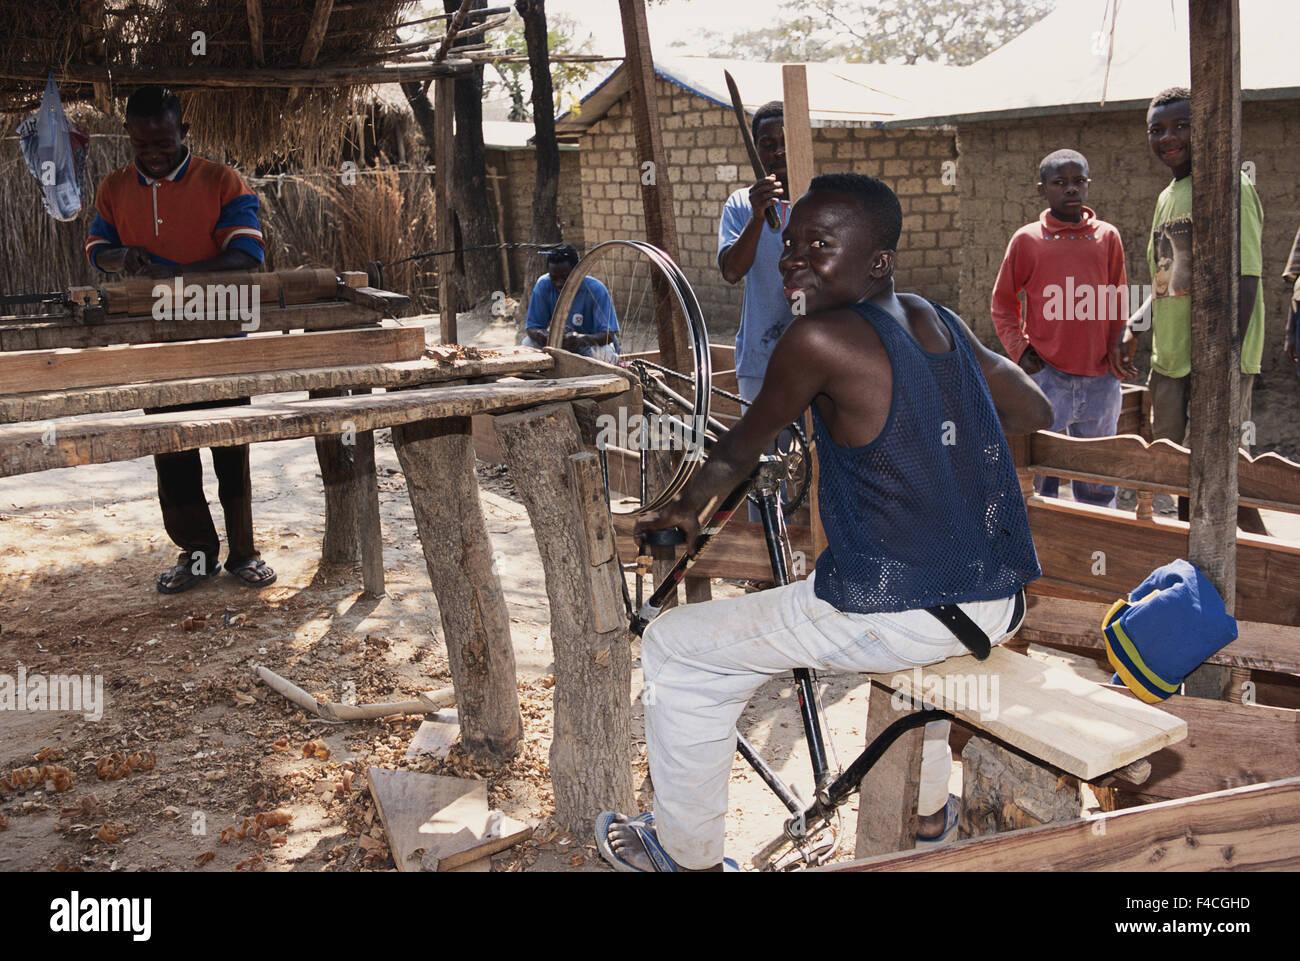 Tanzania, Refugee Camp, Carpenter Work  (Large format sizes